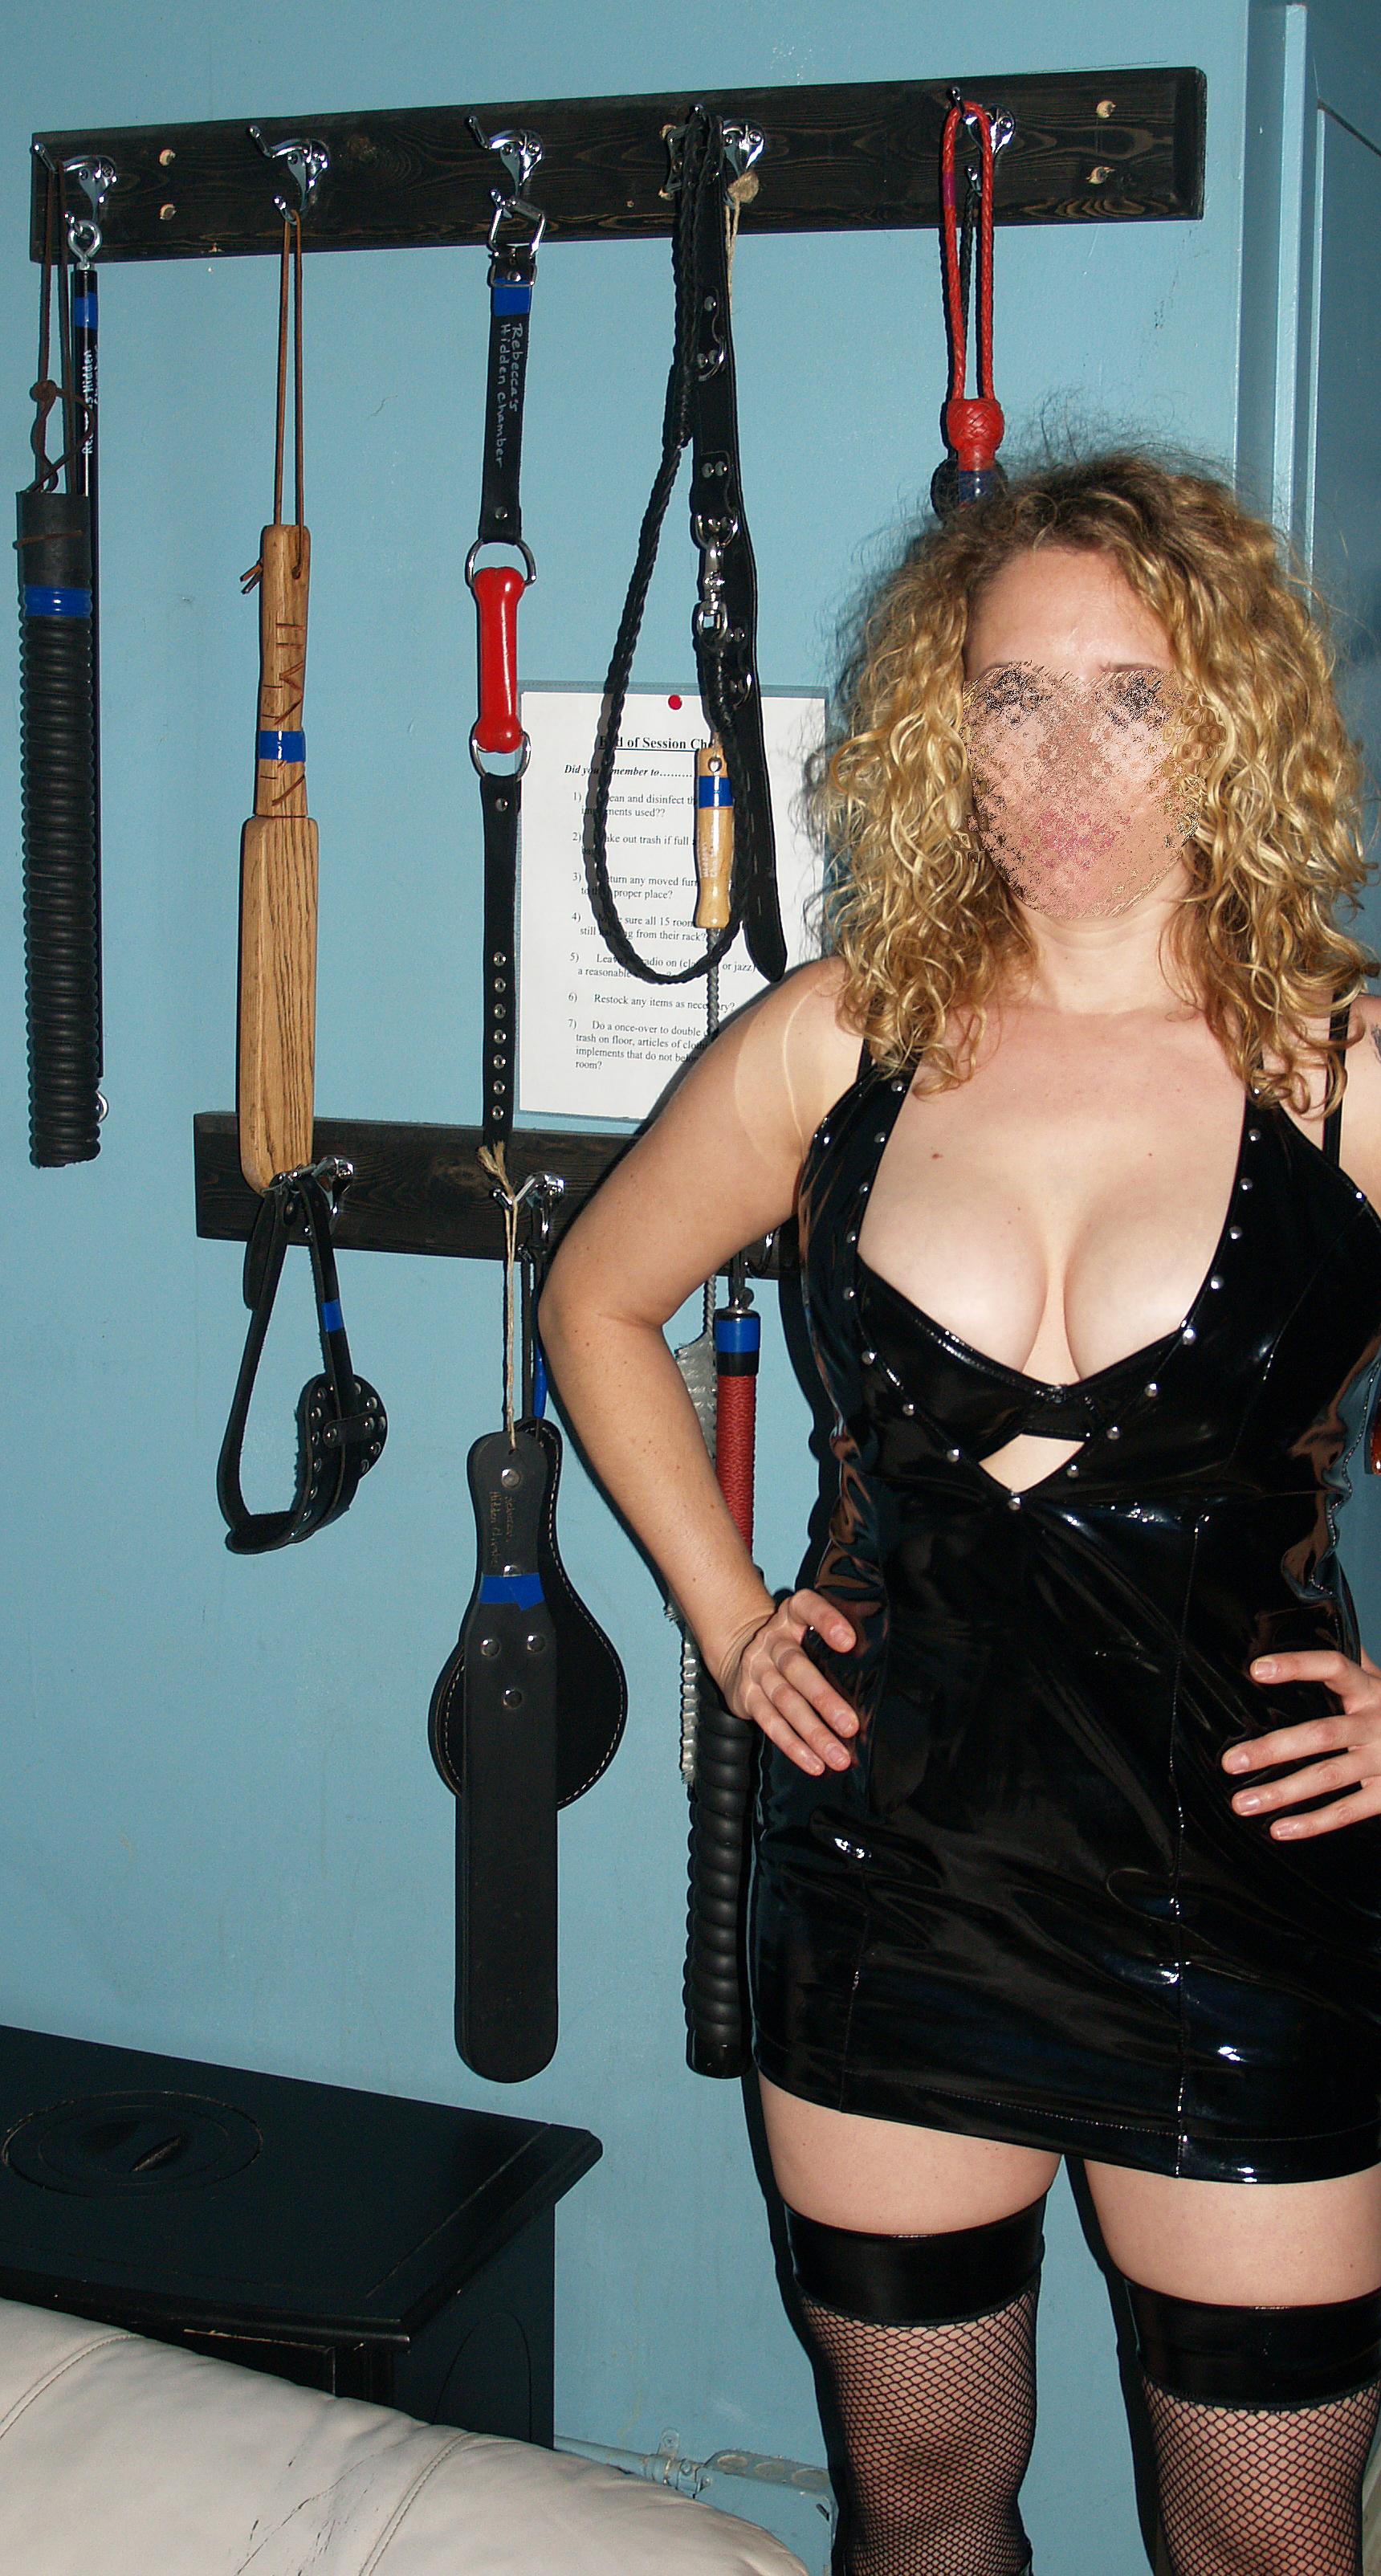 Mistress alex whips david - 2 part 1